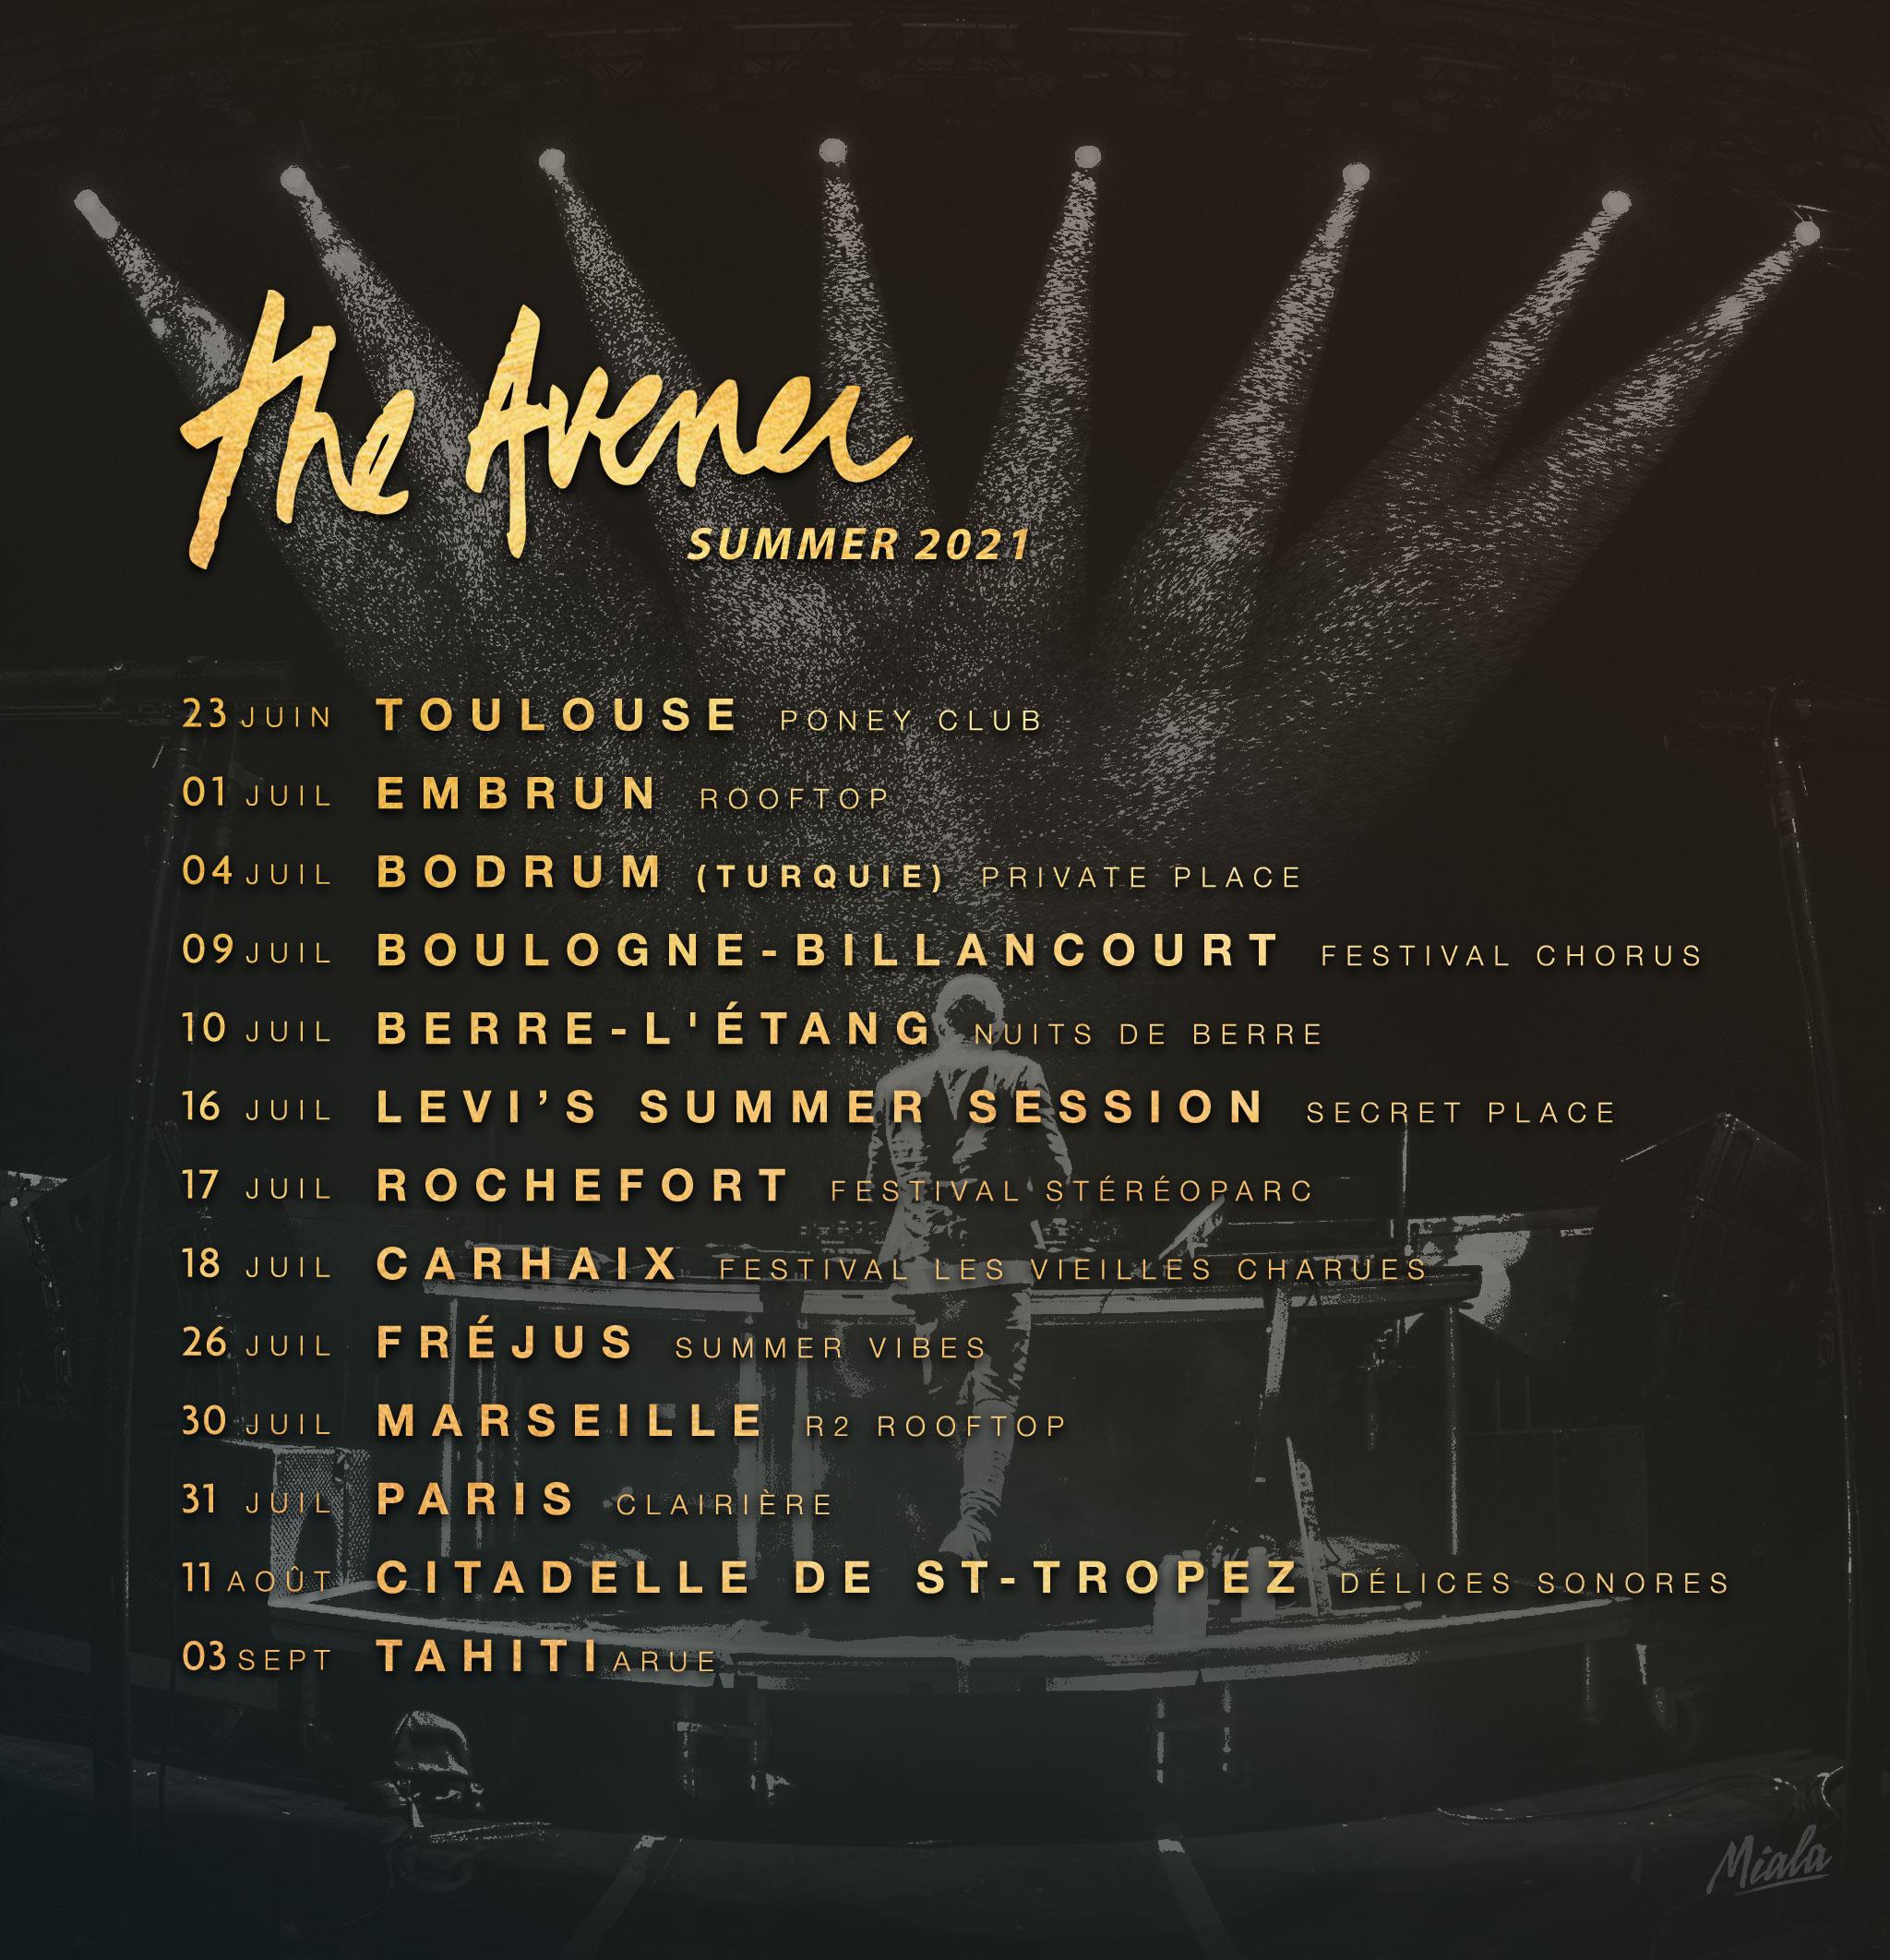 The Avener - SUMMER TOUR 2021